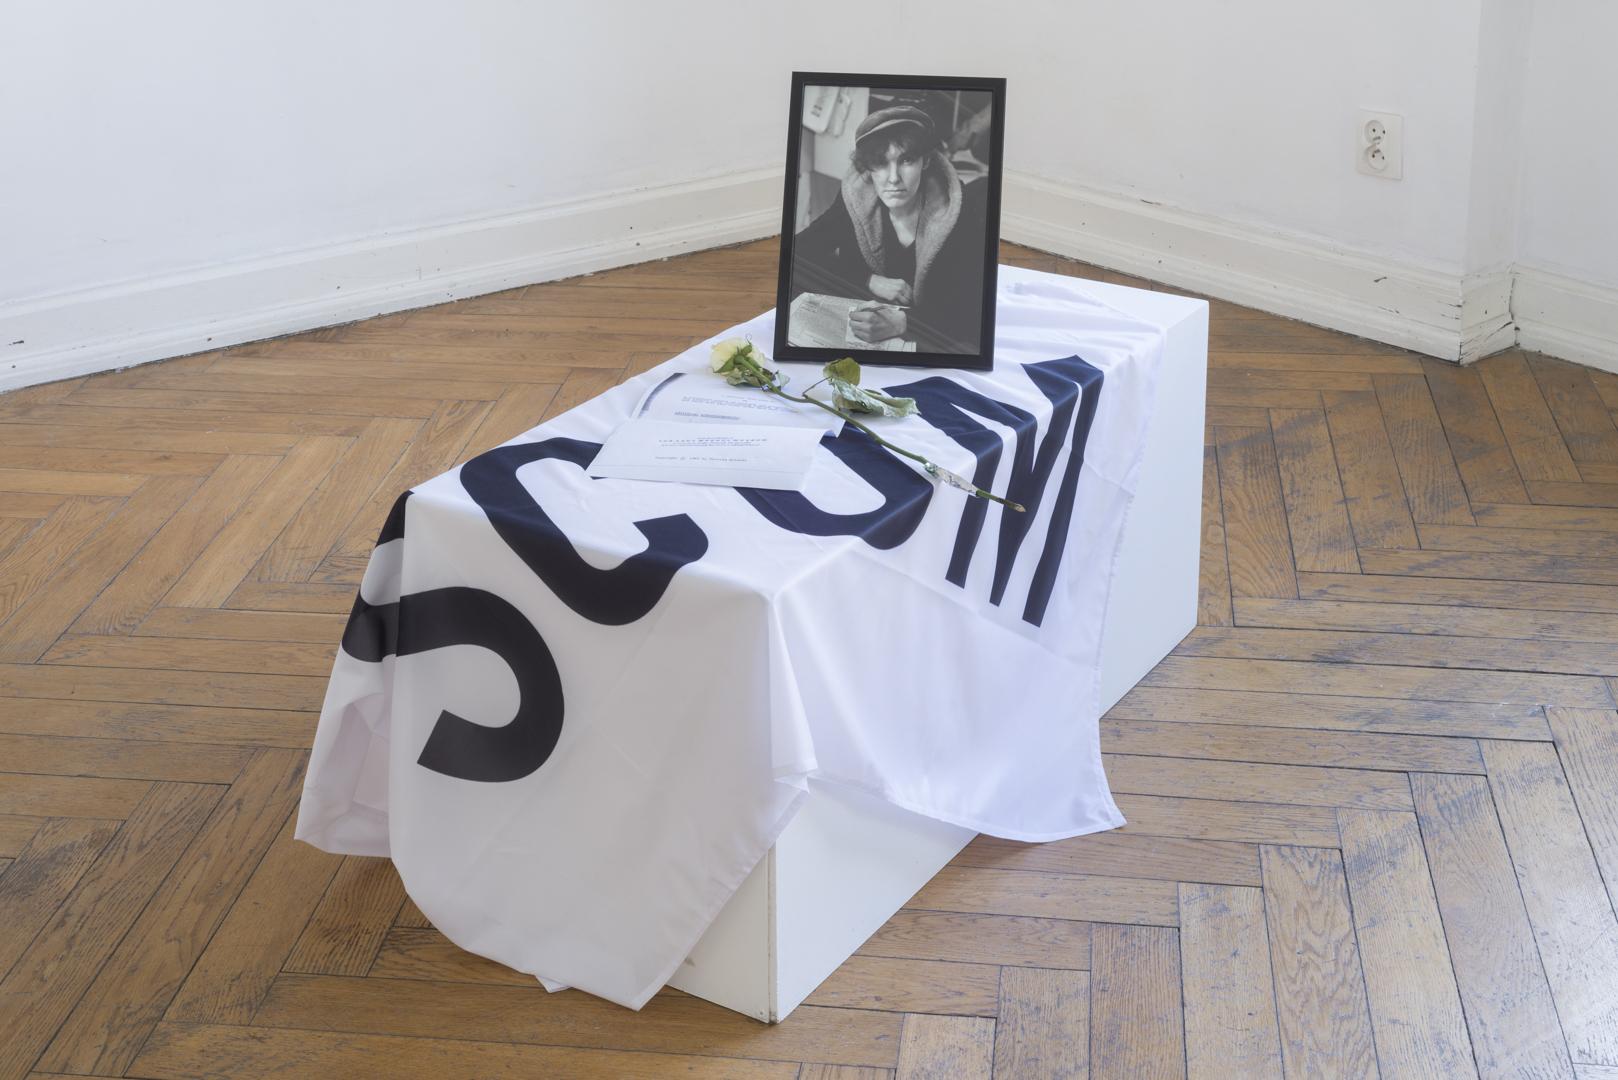 SCUM, flaga, portret Valerin Solanas